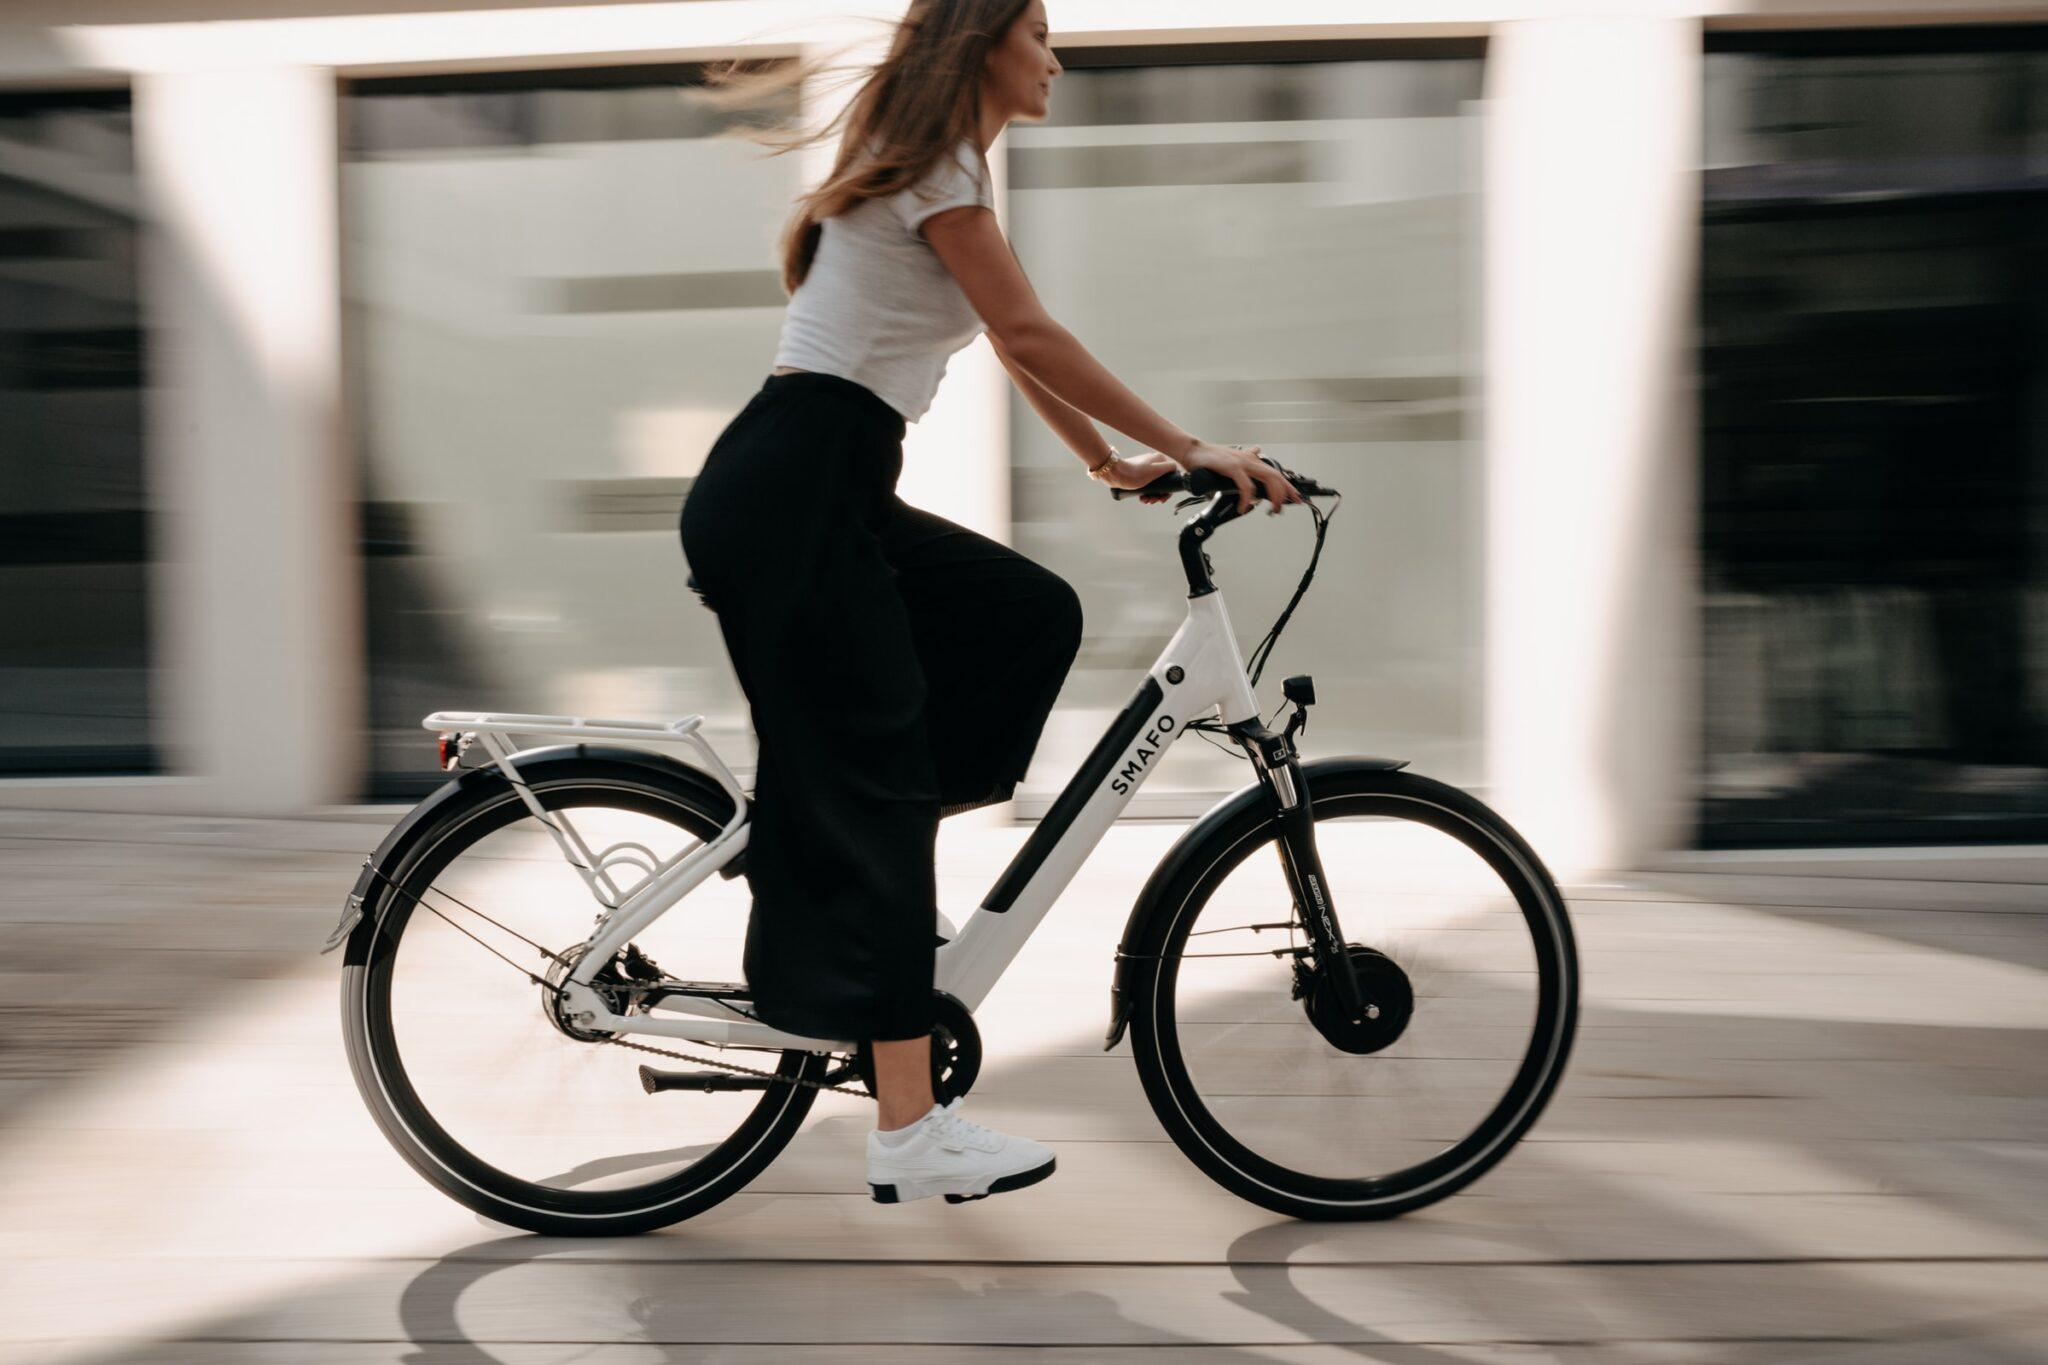 Frau mit weissem Shirt und schwarzer flattriger Hose fährt auf einem weissen E-Bike